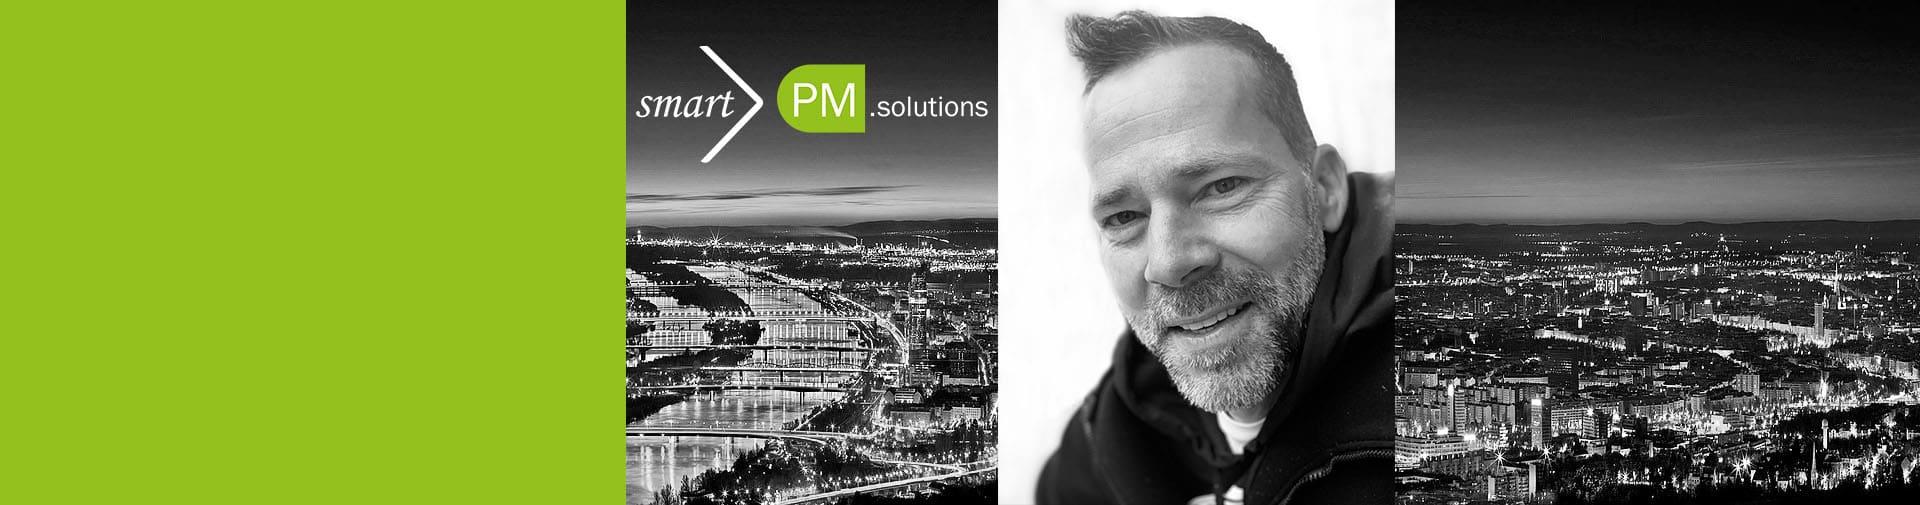 Alexander Springer joins smartPM.solutions